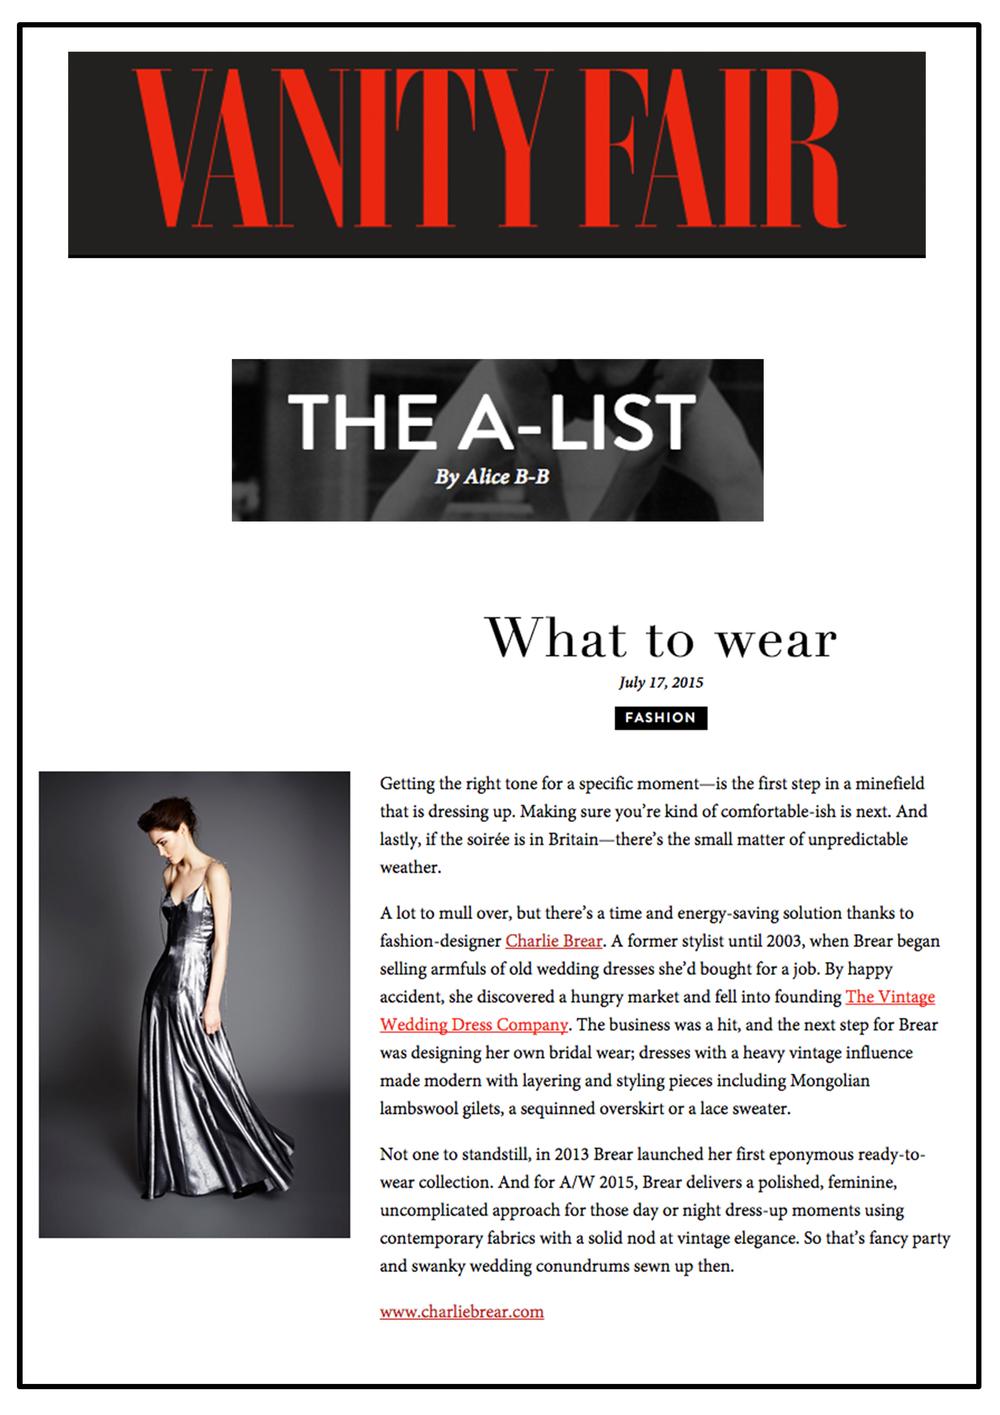 vanityfair.TheAlist.Whattowear.jpg